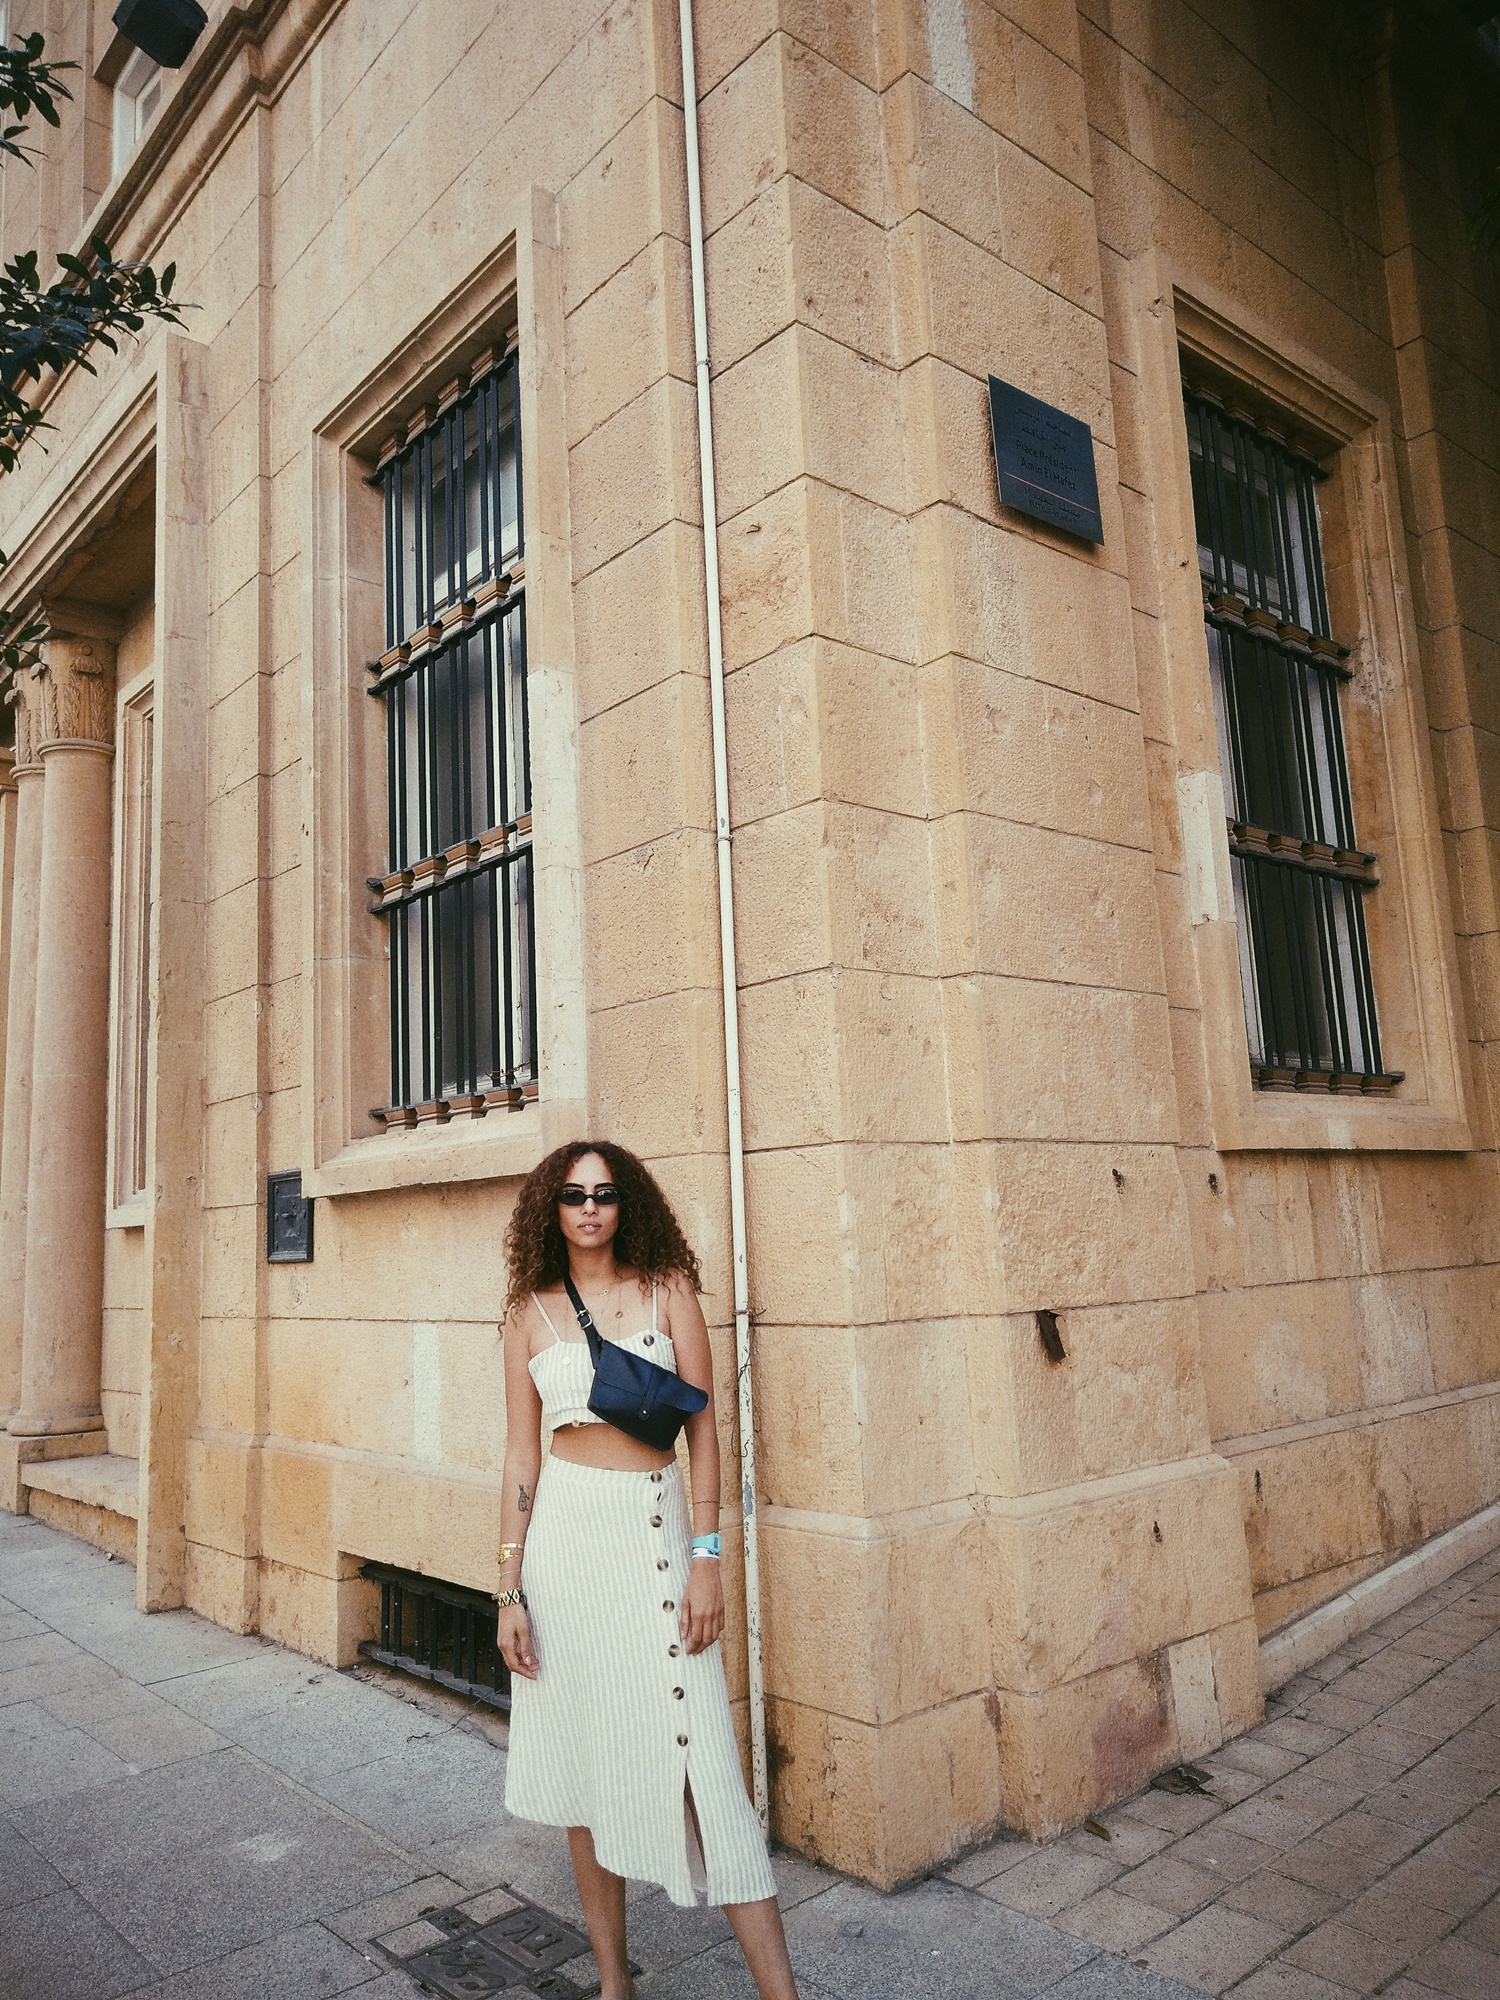 Beirut I (13)